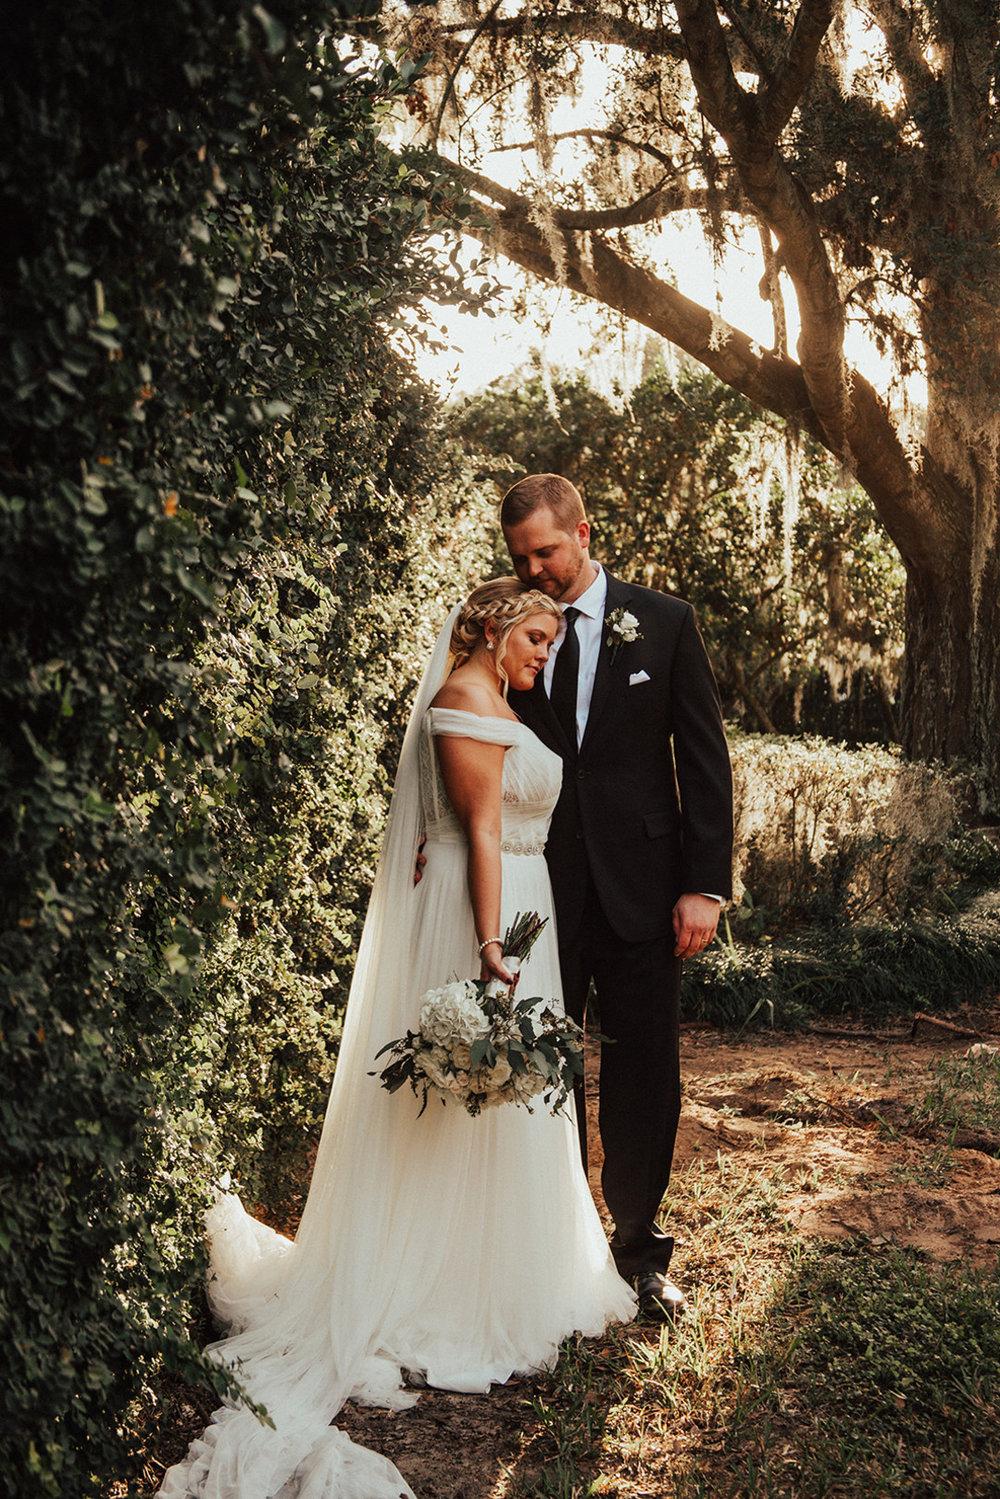 bröllop+brudklänning+utomhusbröllop